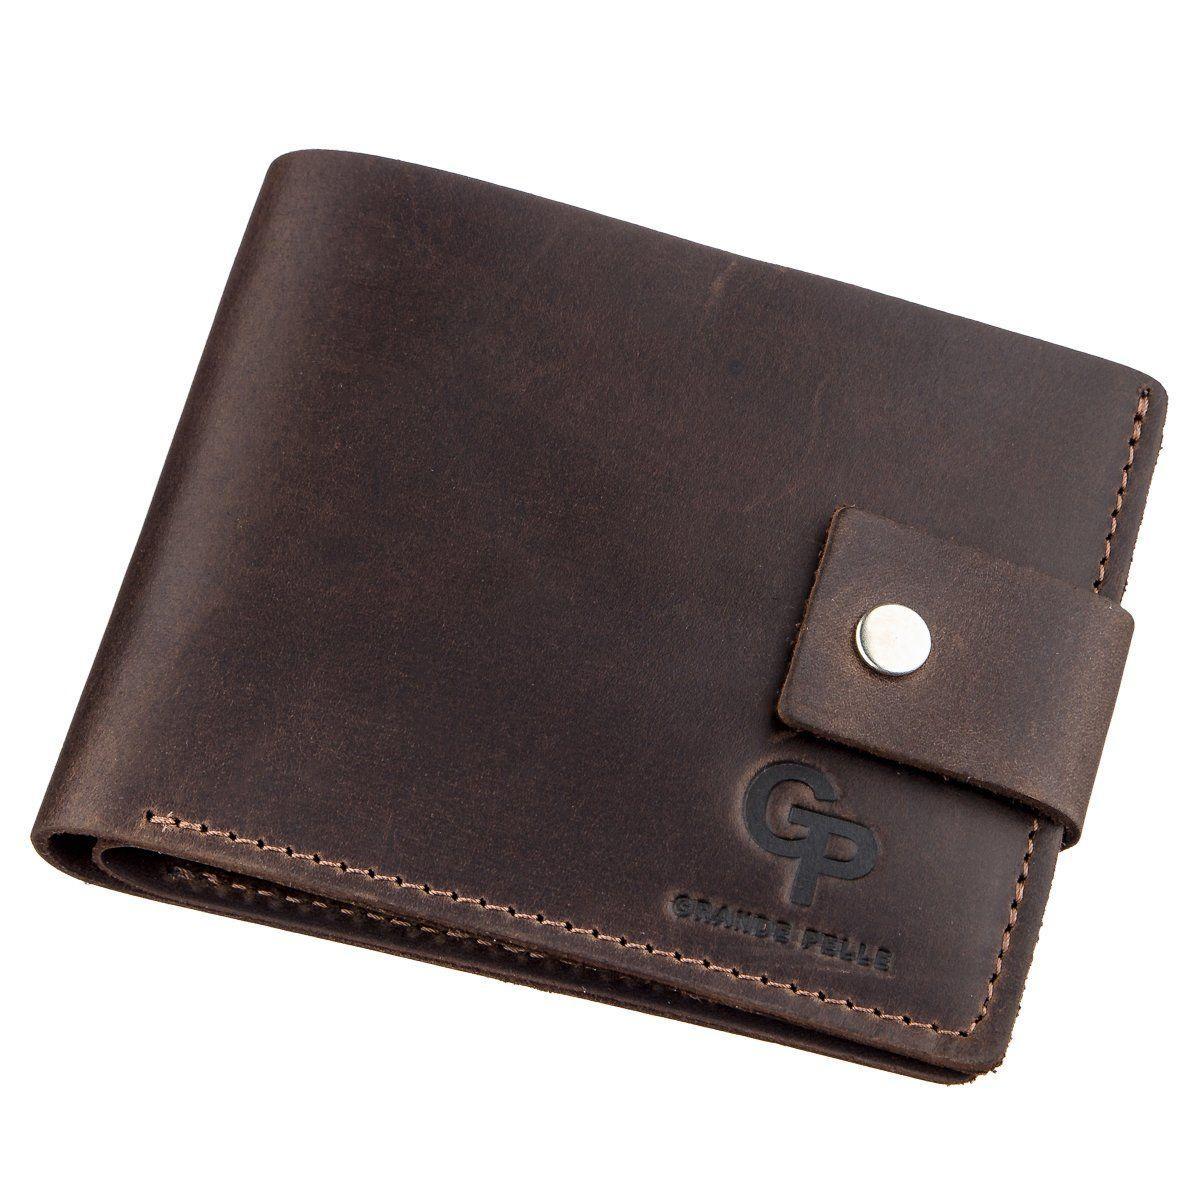 Надежное мужское портмоне в винтажном стиле GRANDE PELLE 11229 Коричневое, Коричневый